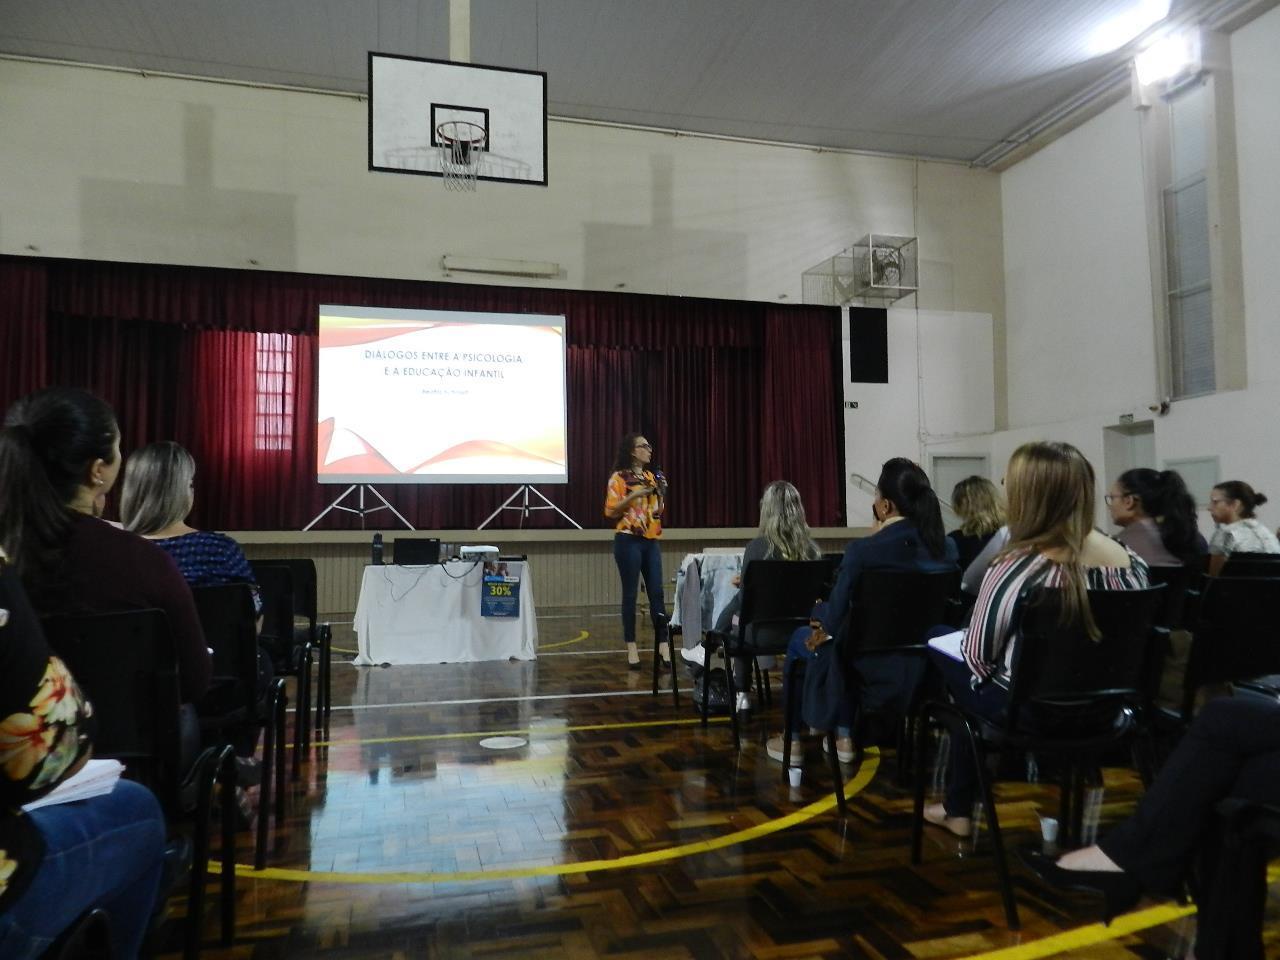 Palestra promovida pela Faculdade IENH debate a abordagem Pikleriana na Educação Infantil